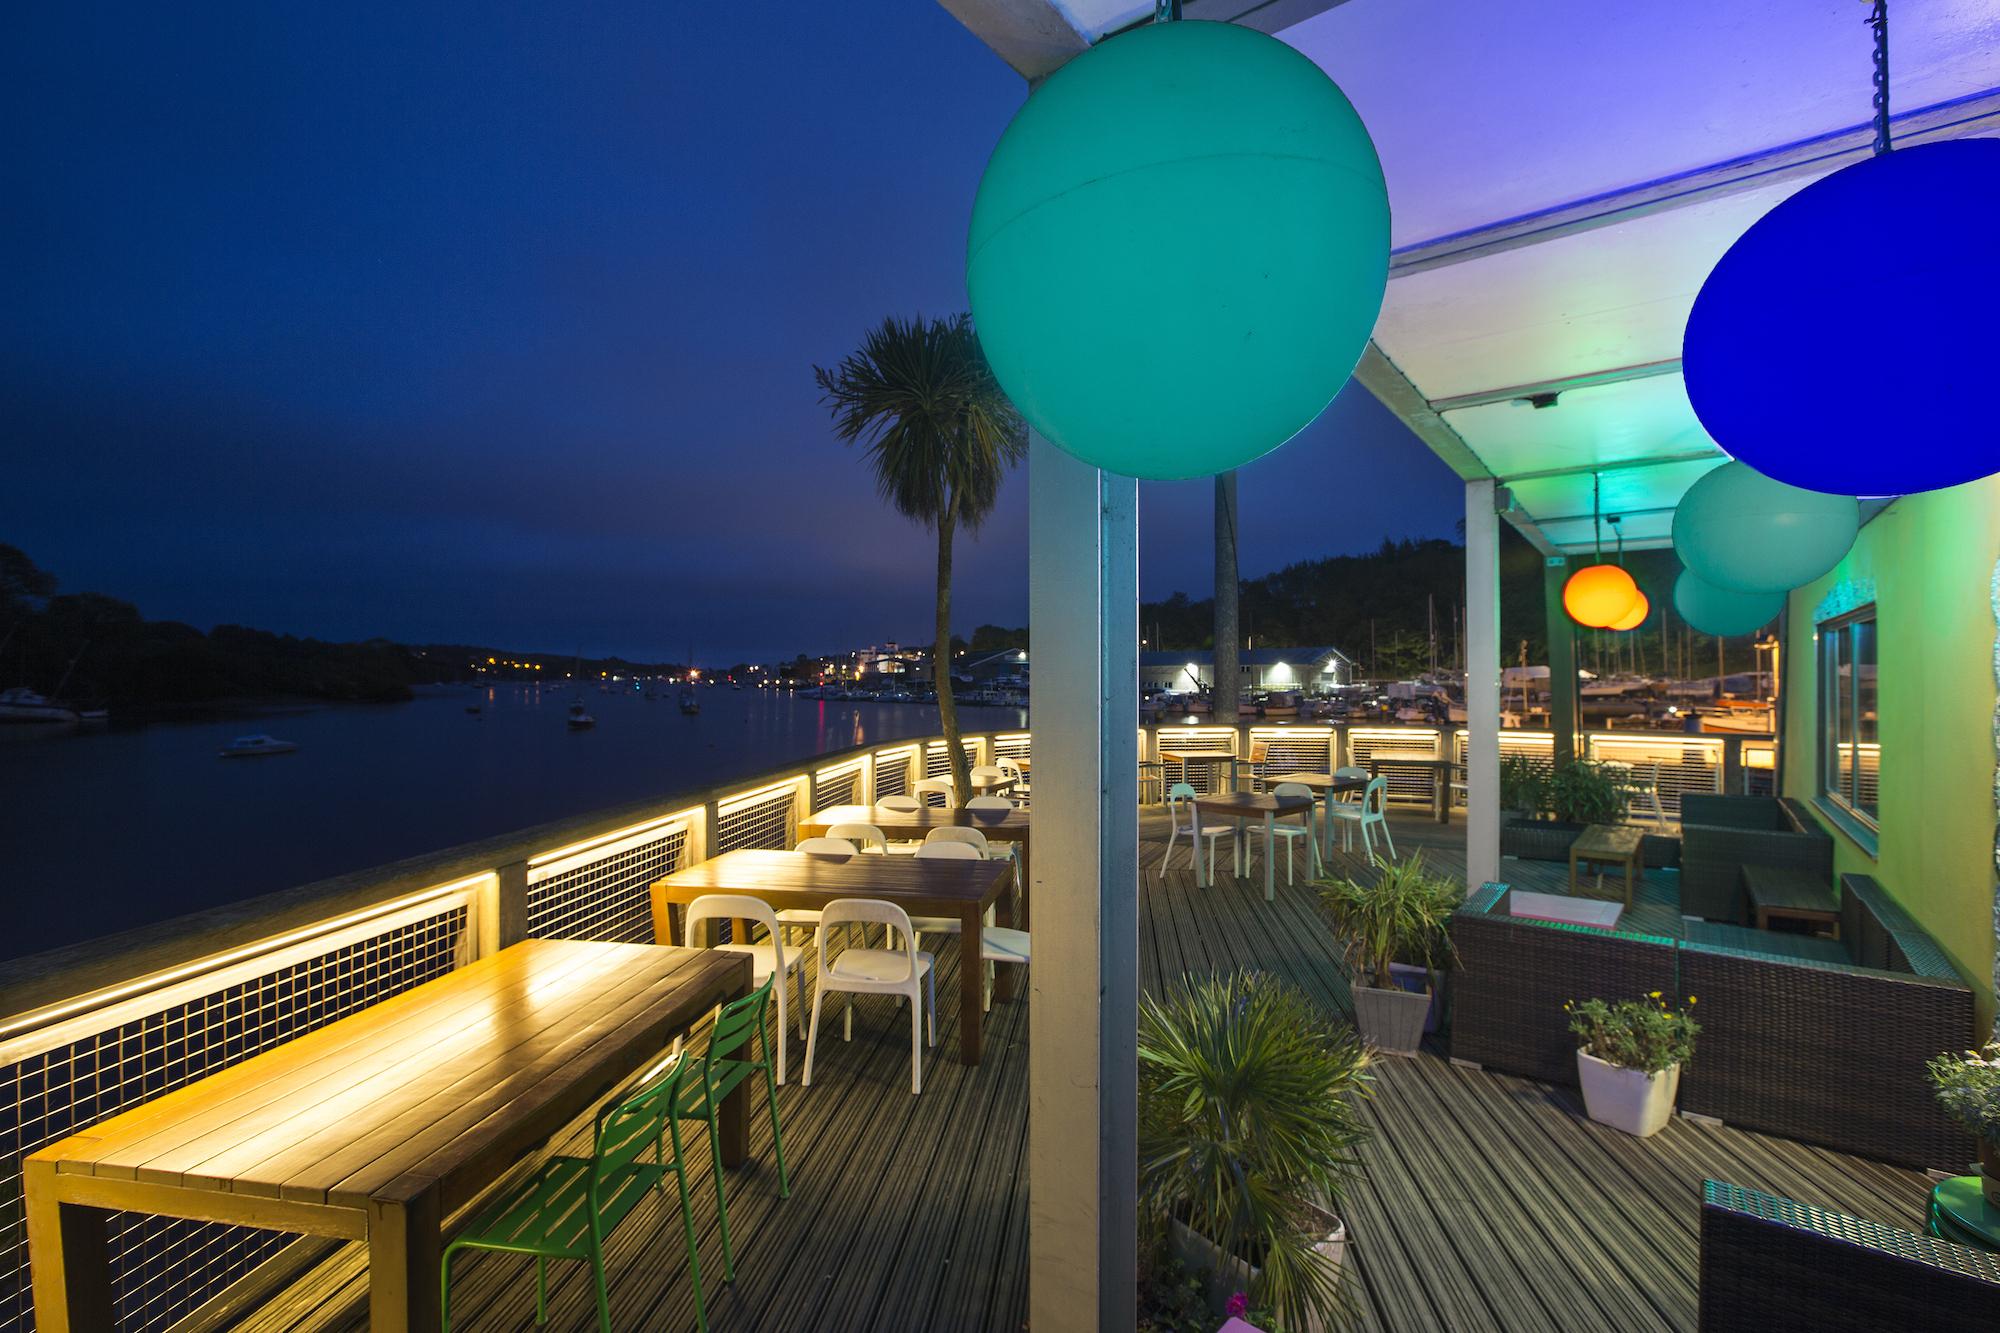 eleanor-bell-river-restaurant-lighting-terrace.jpg